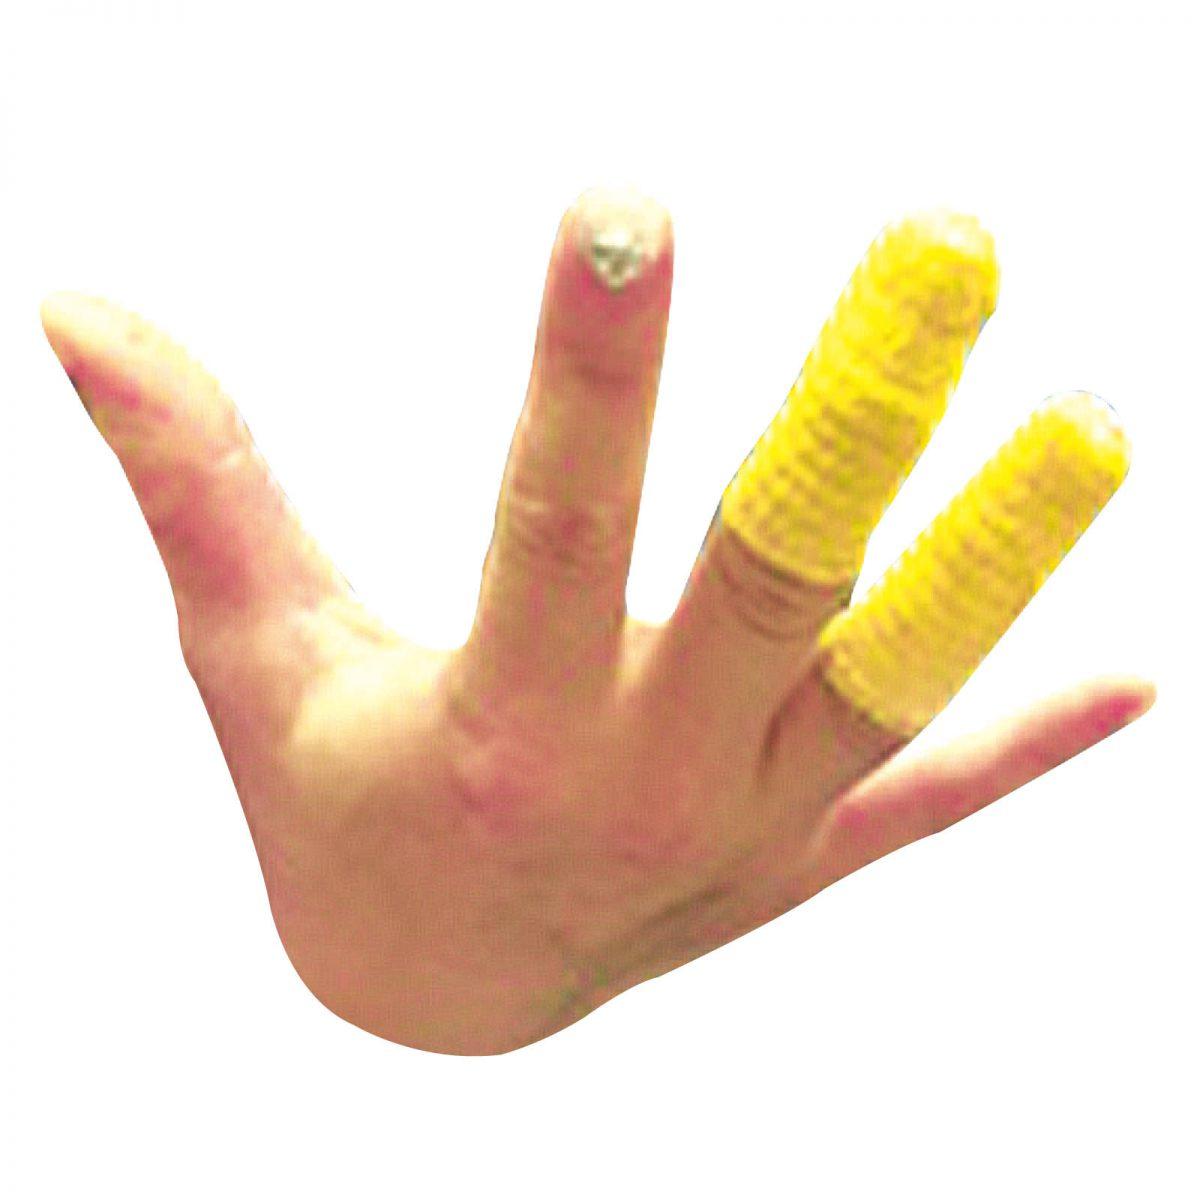 ボーリング時の 滑らかなリリースポイントの 確保と皮膚の予防